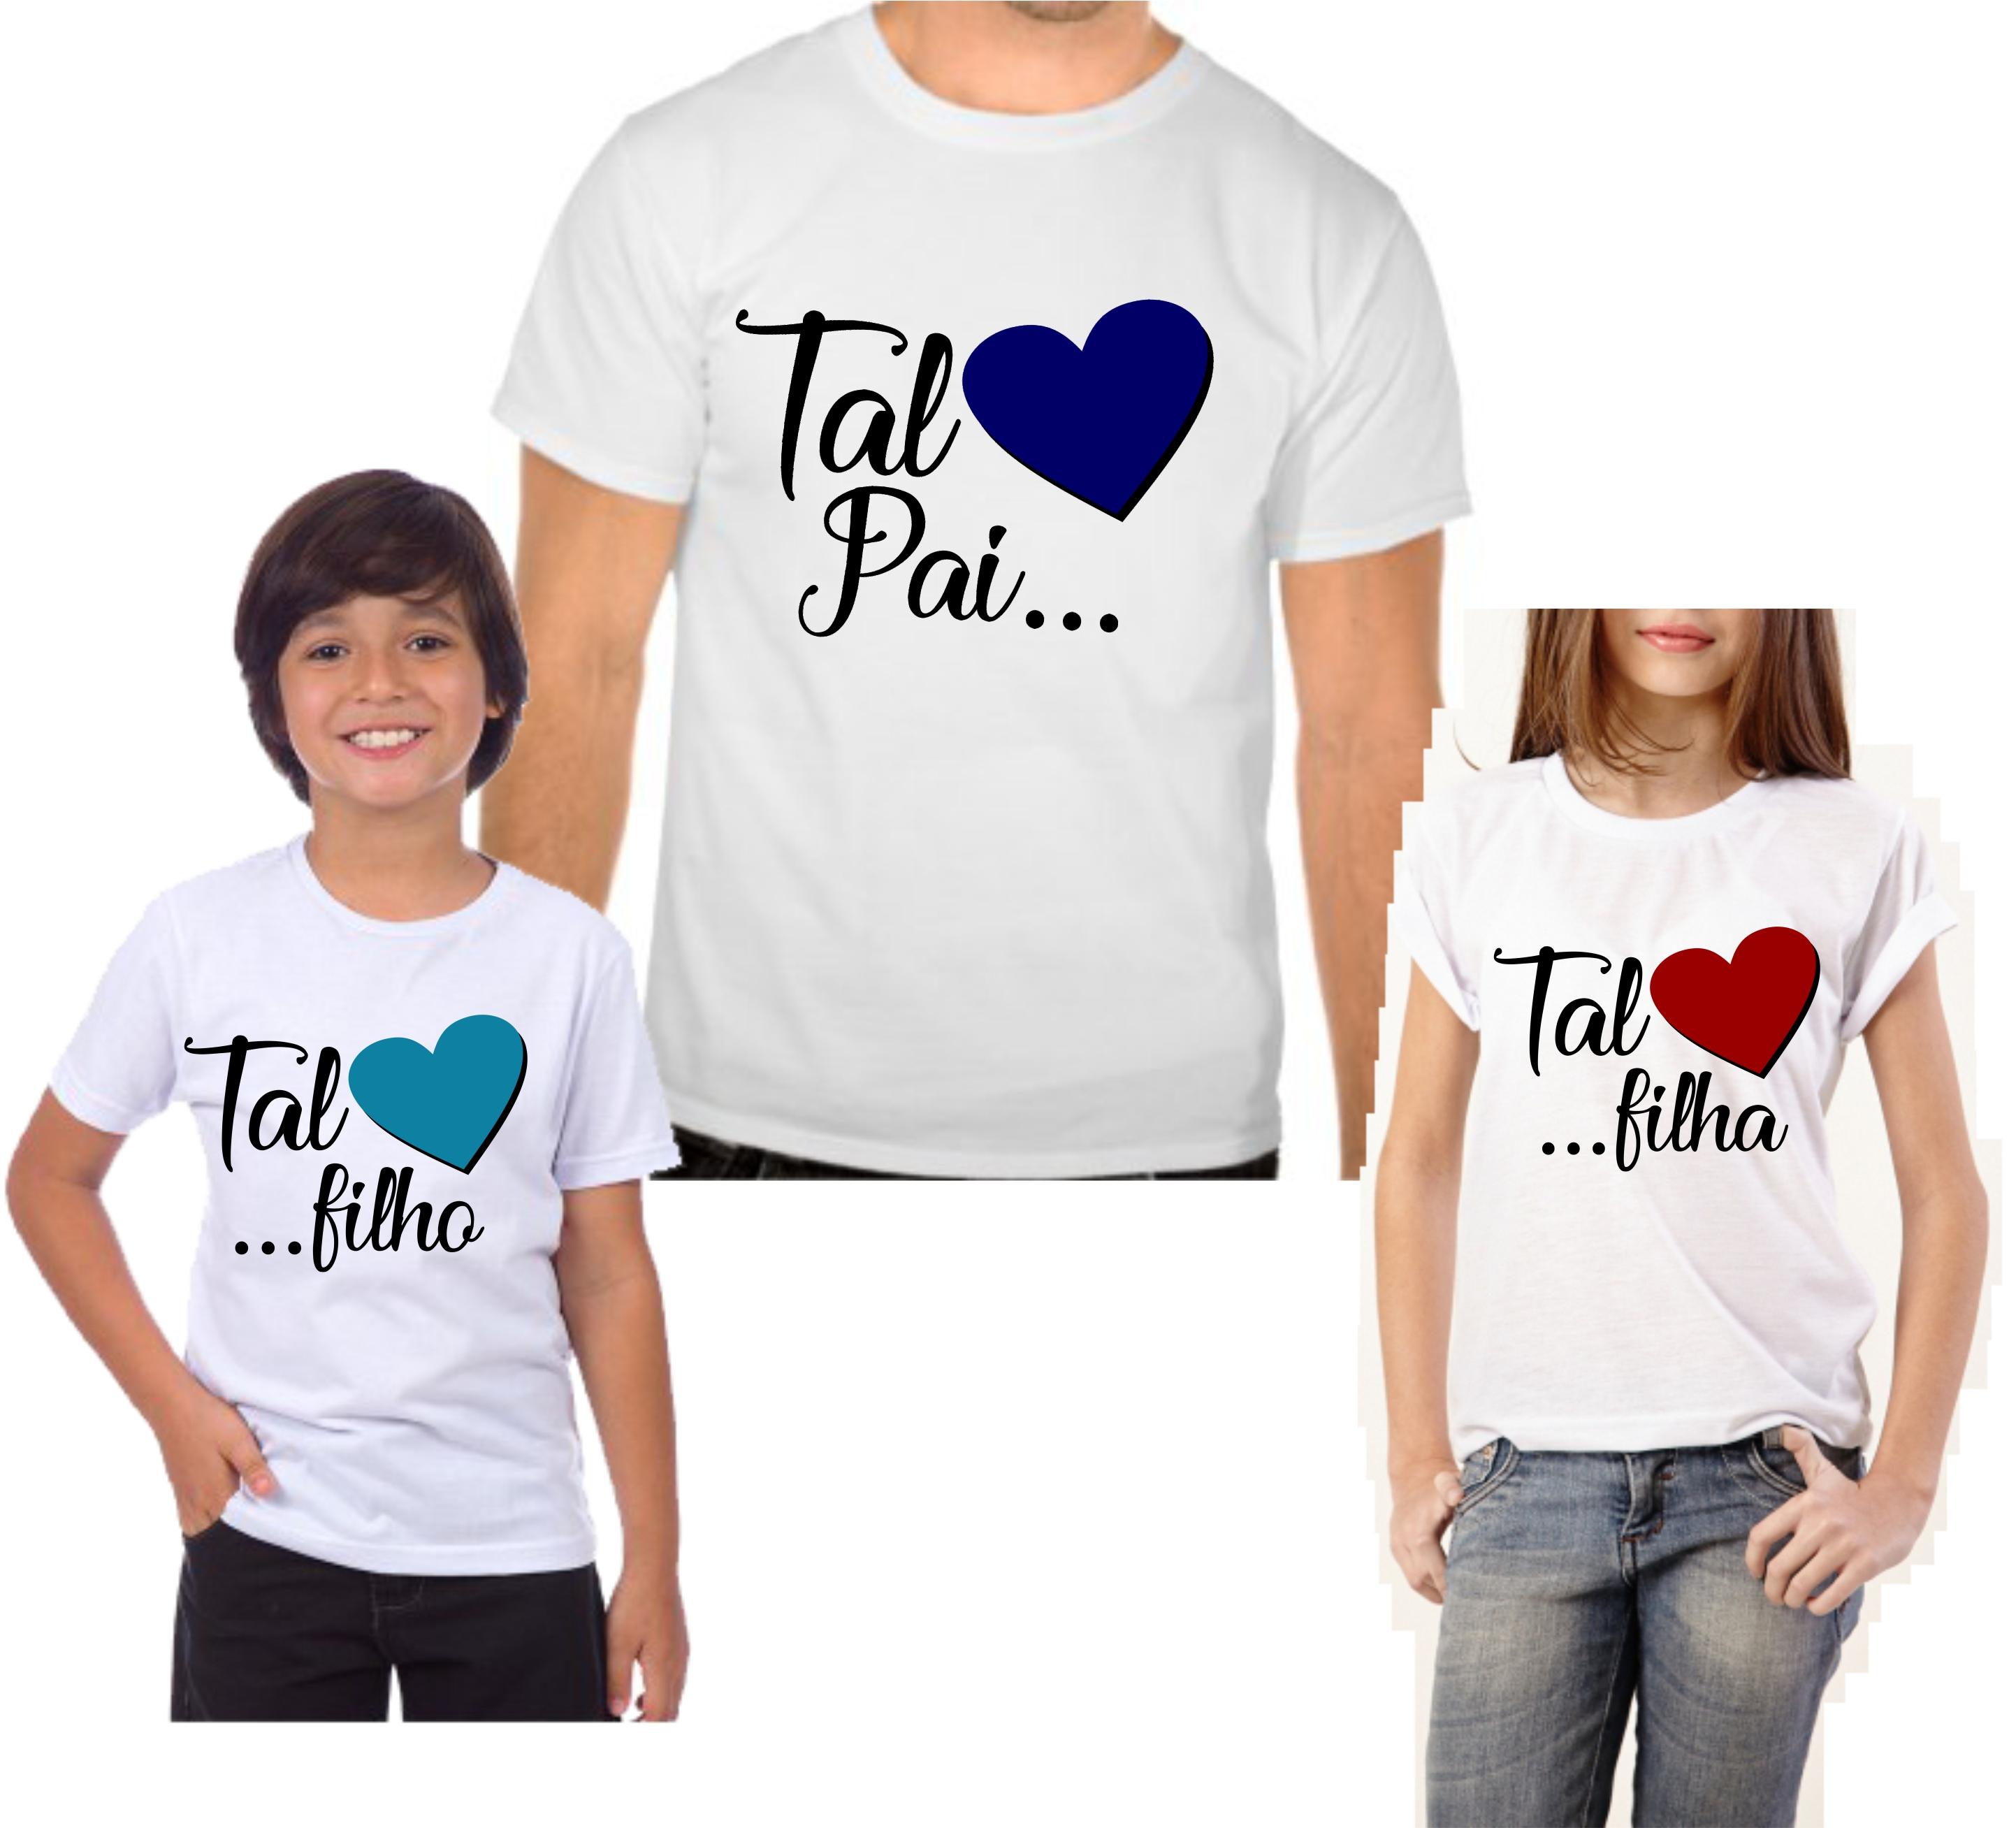 ff432e483621 Trio Tal Pai, Tal filho e filha - Openlier - Chave da Inspiração